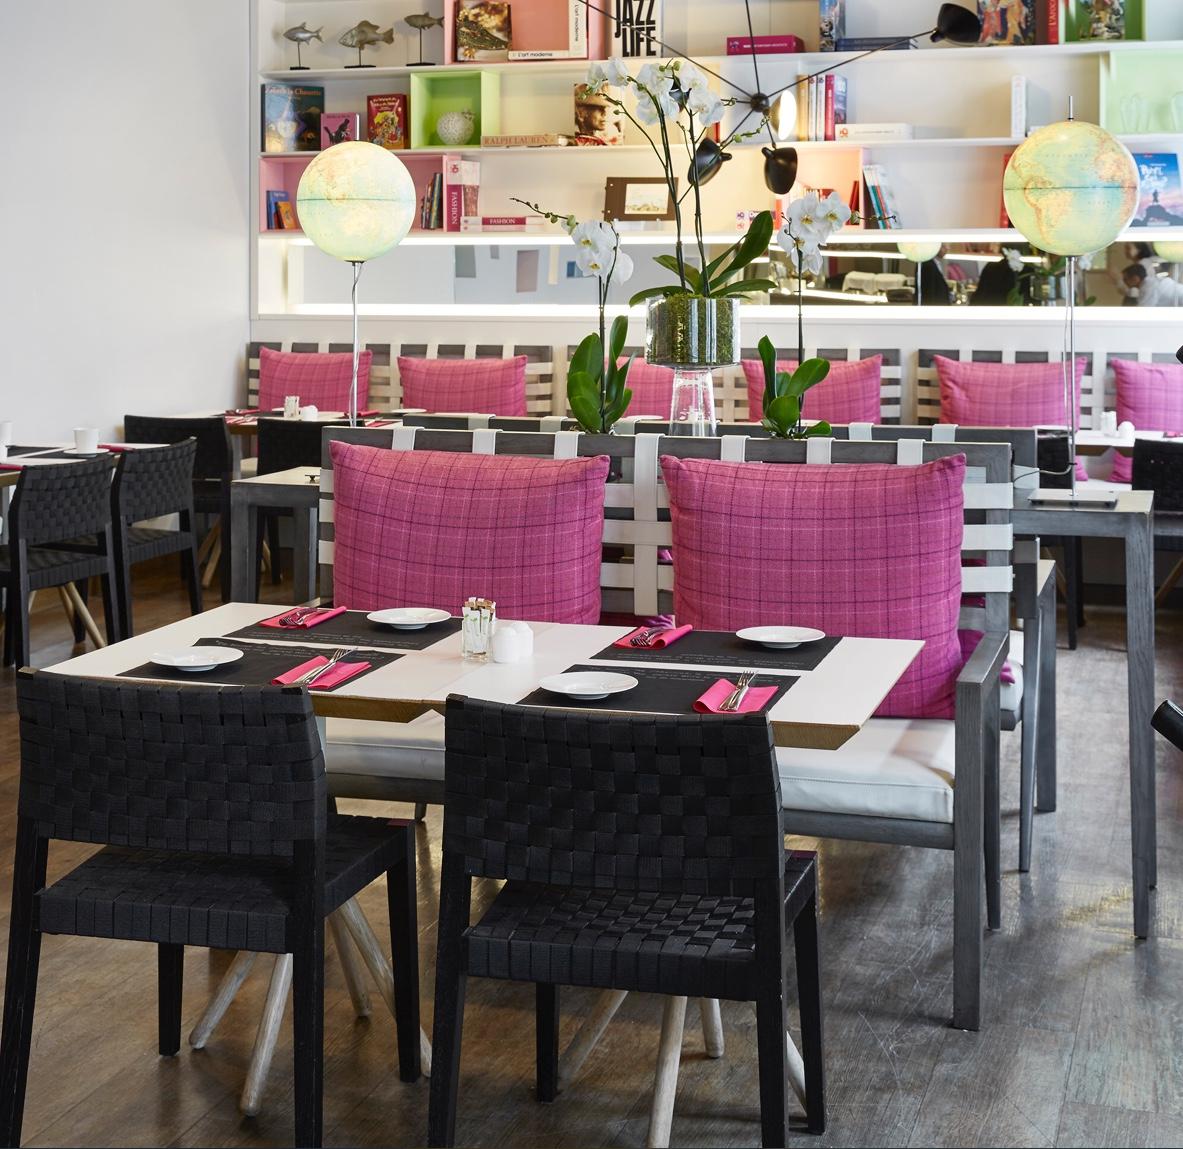 Dining Room - Hotel Bel Ami